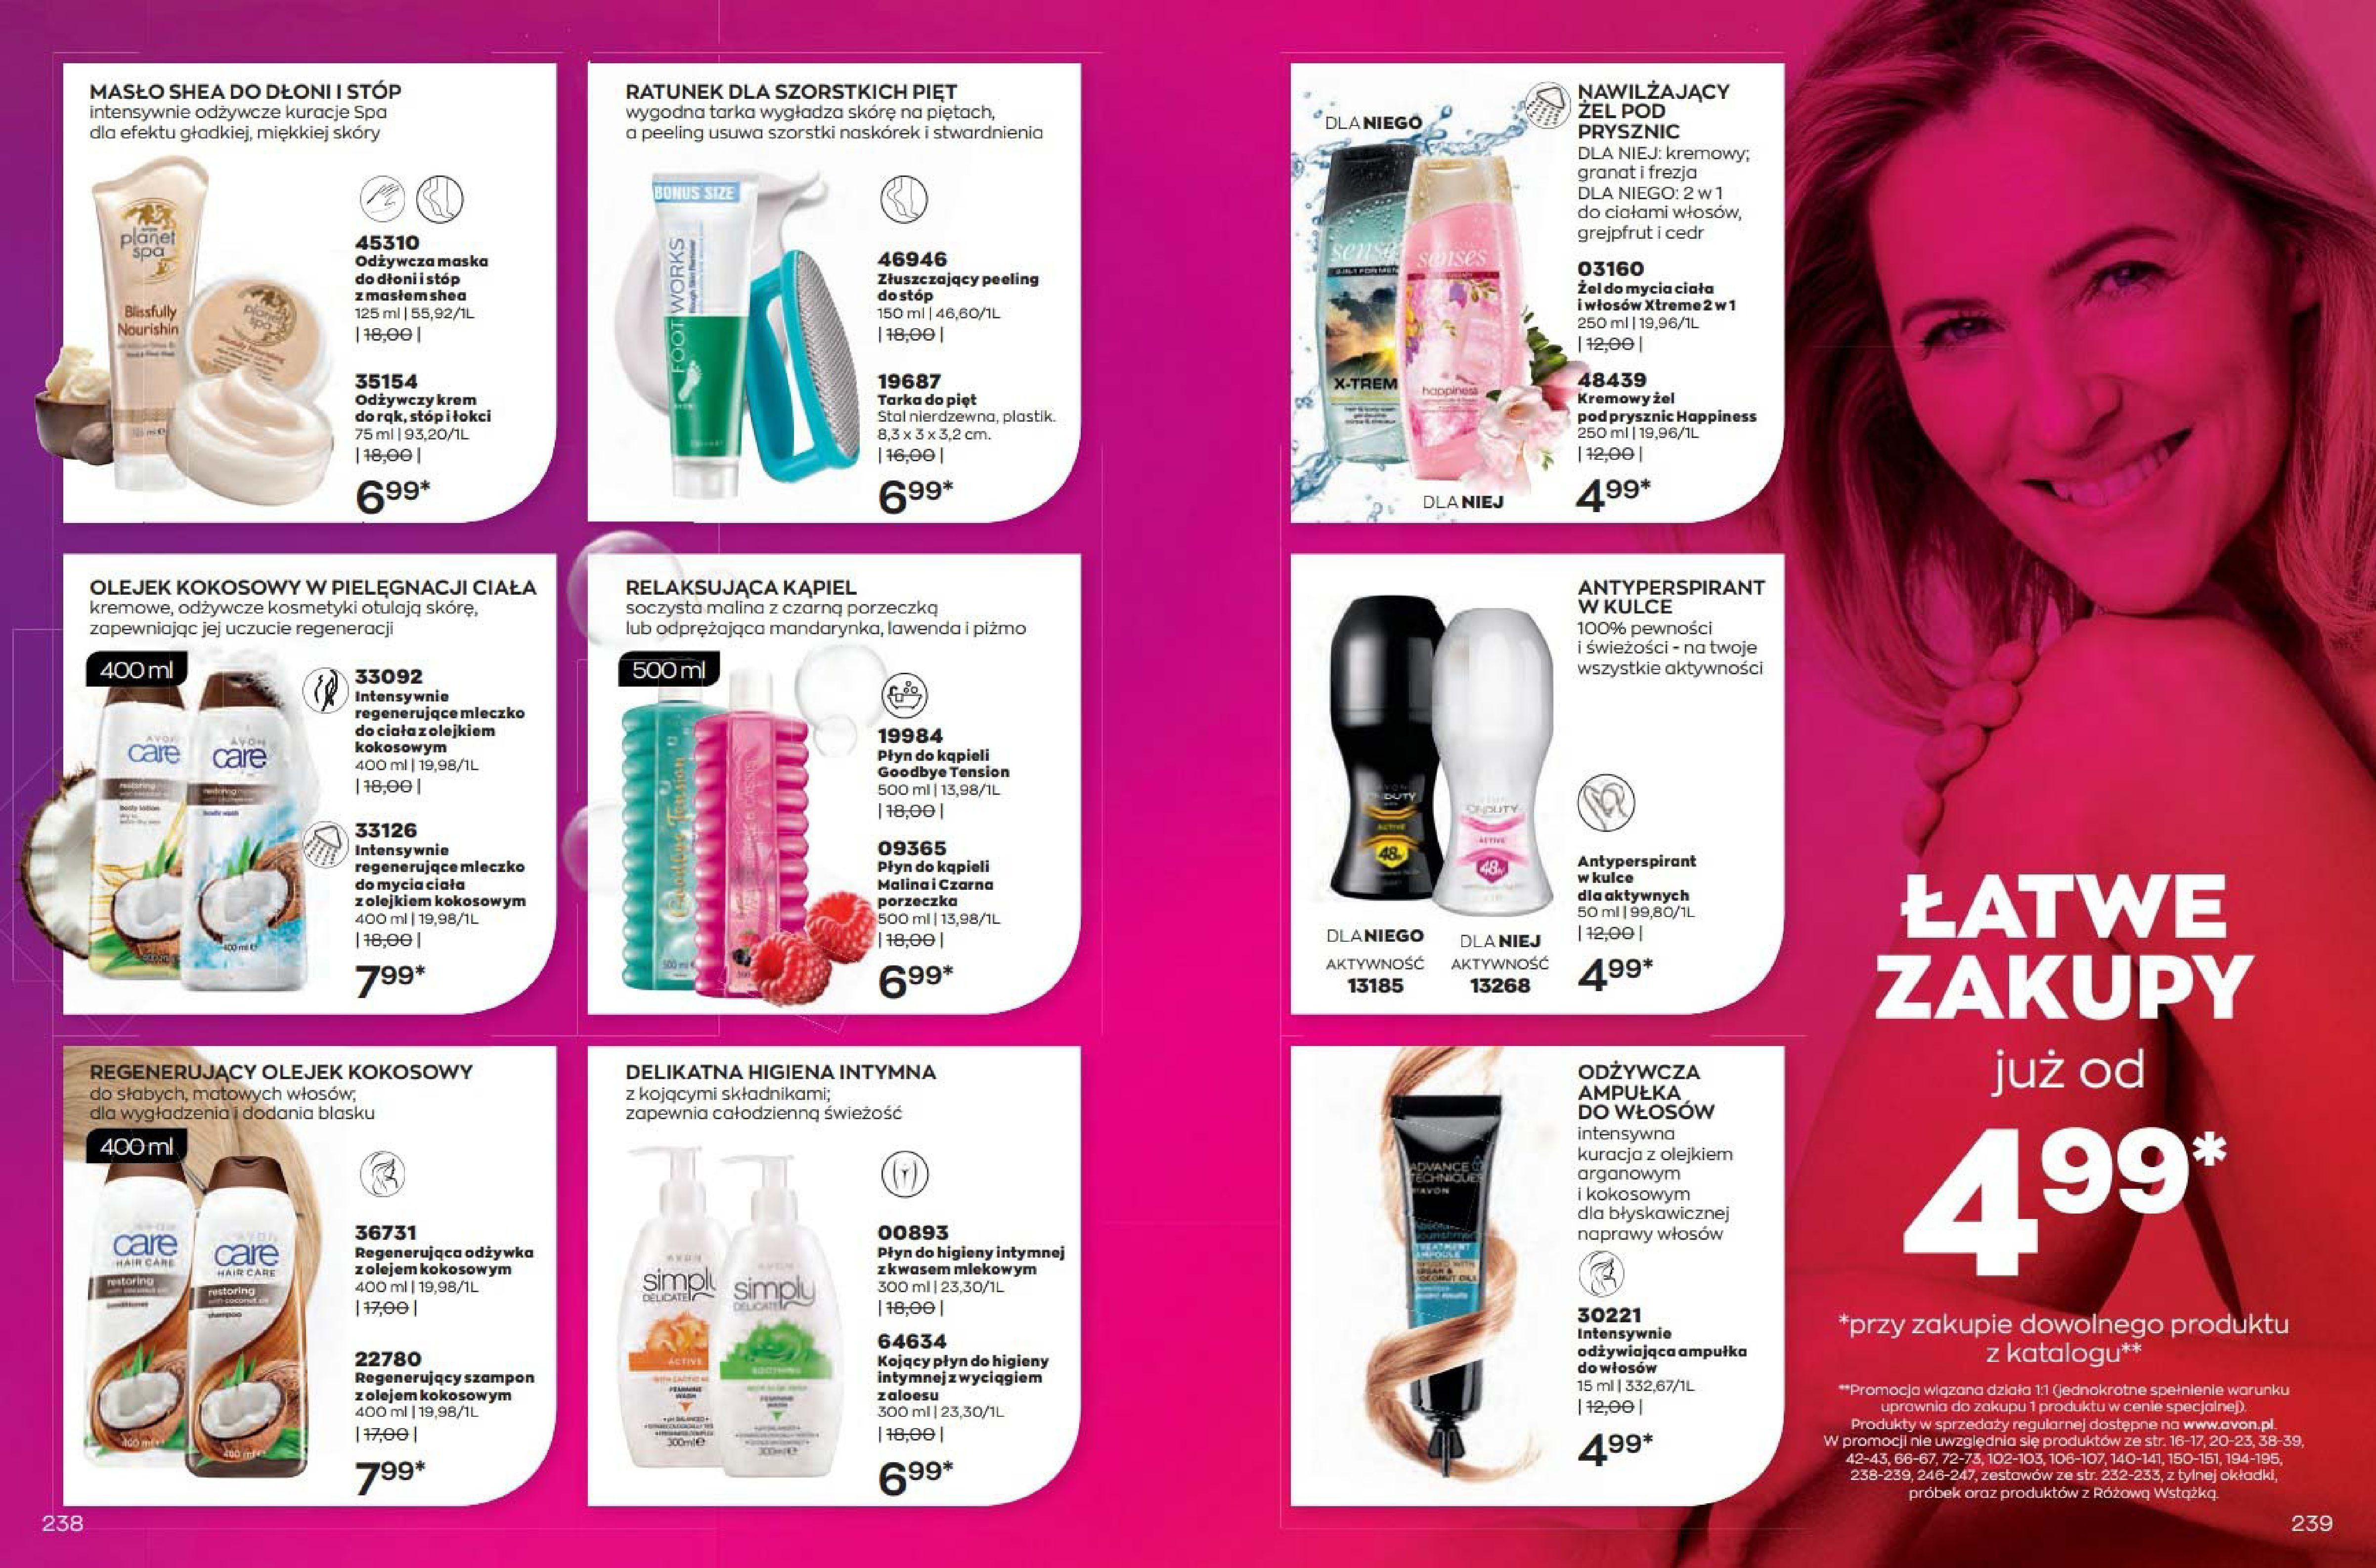 Gazetka Avon: Katalog Avon - Wrzesień/Październik 2021-08-17 page-120